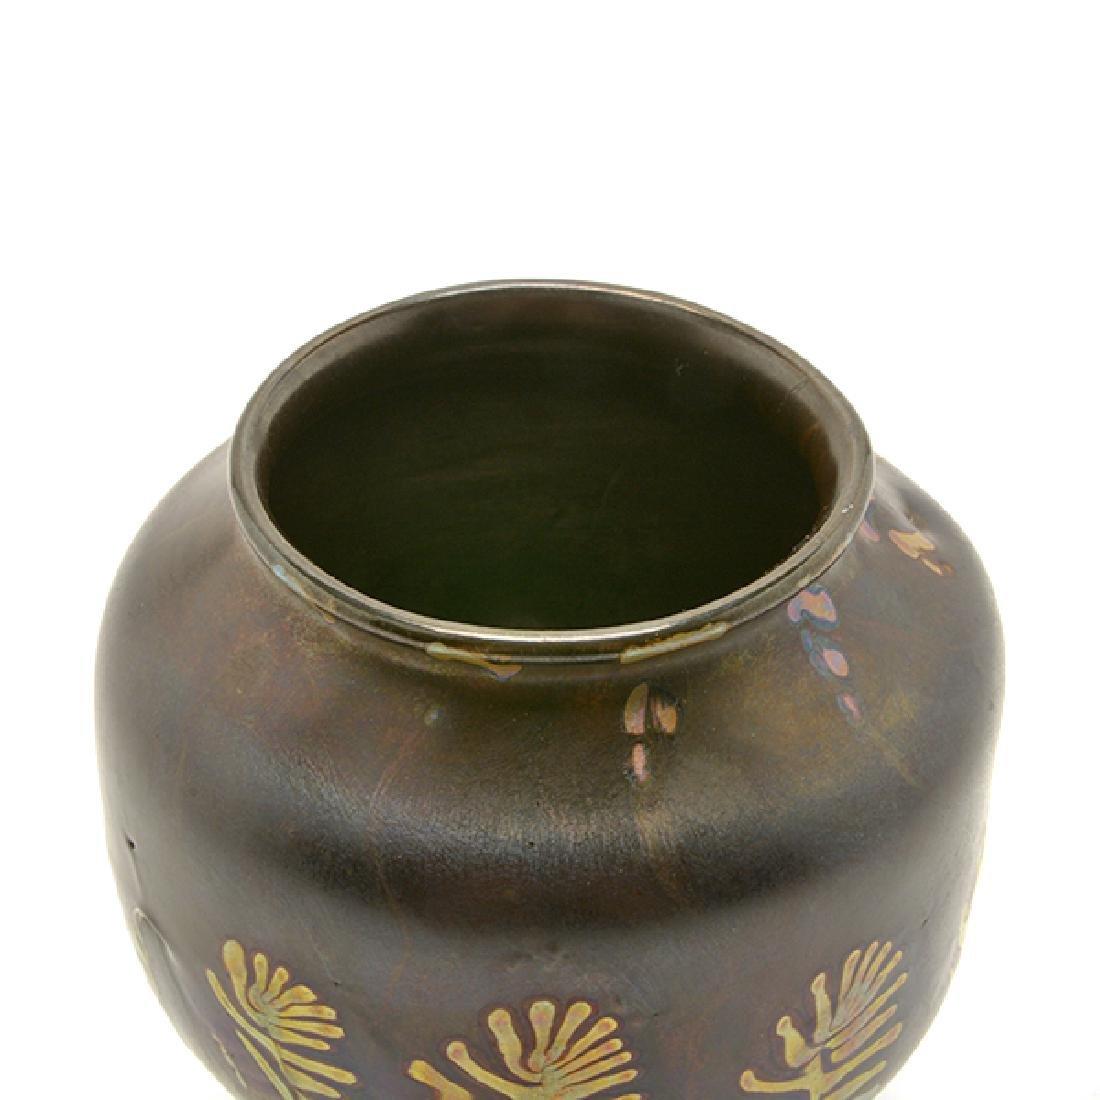 Tiffany Studios Favrile Vase - 3